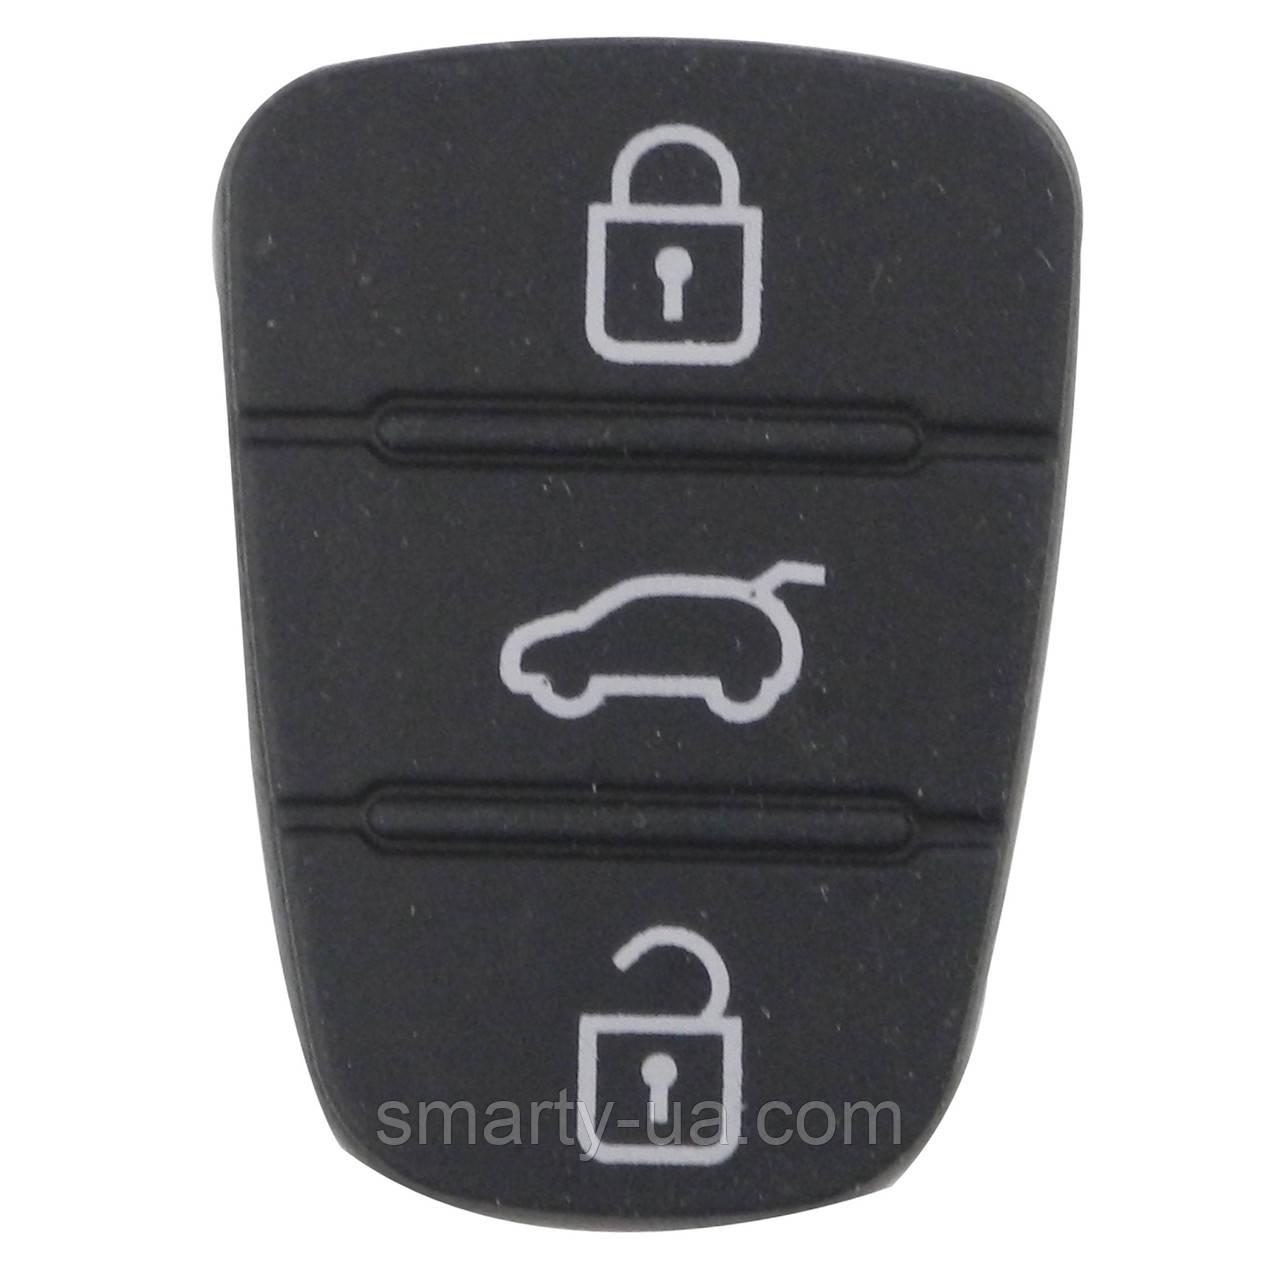 Силиконовые кнопки на ключ hyundai I10 I20 I30 IX35 для Kia K2 k5 Рио Sportage